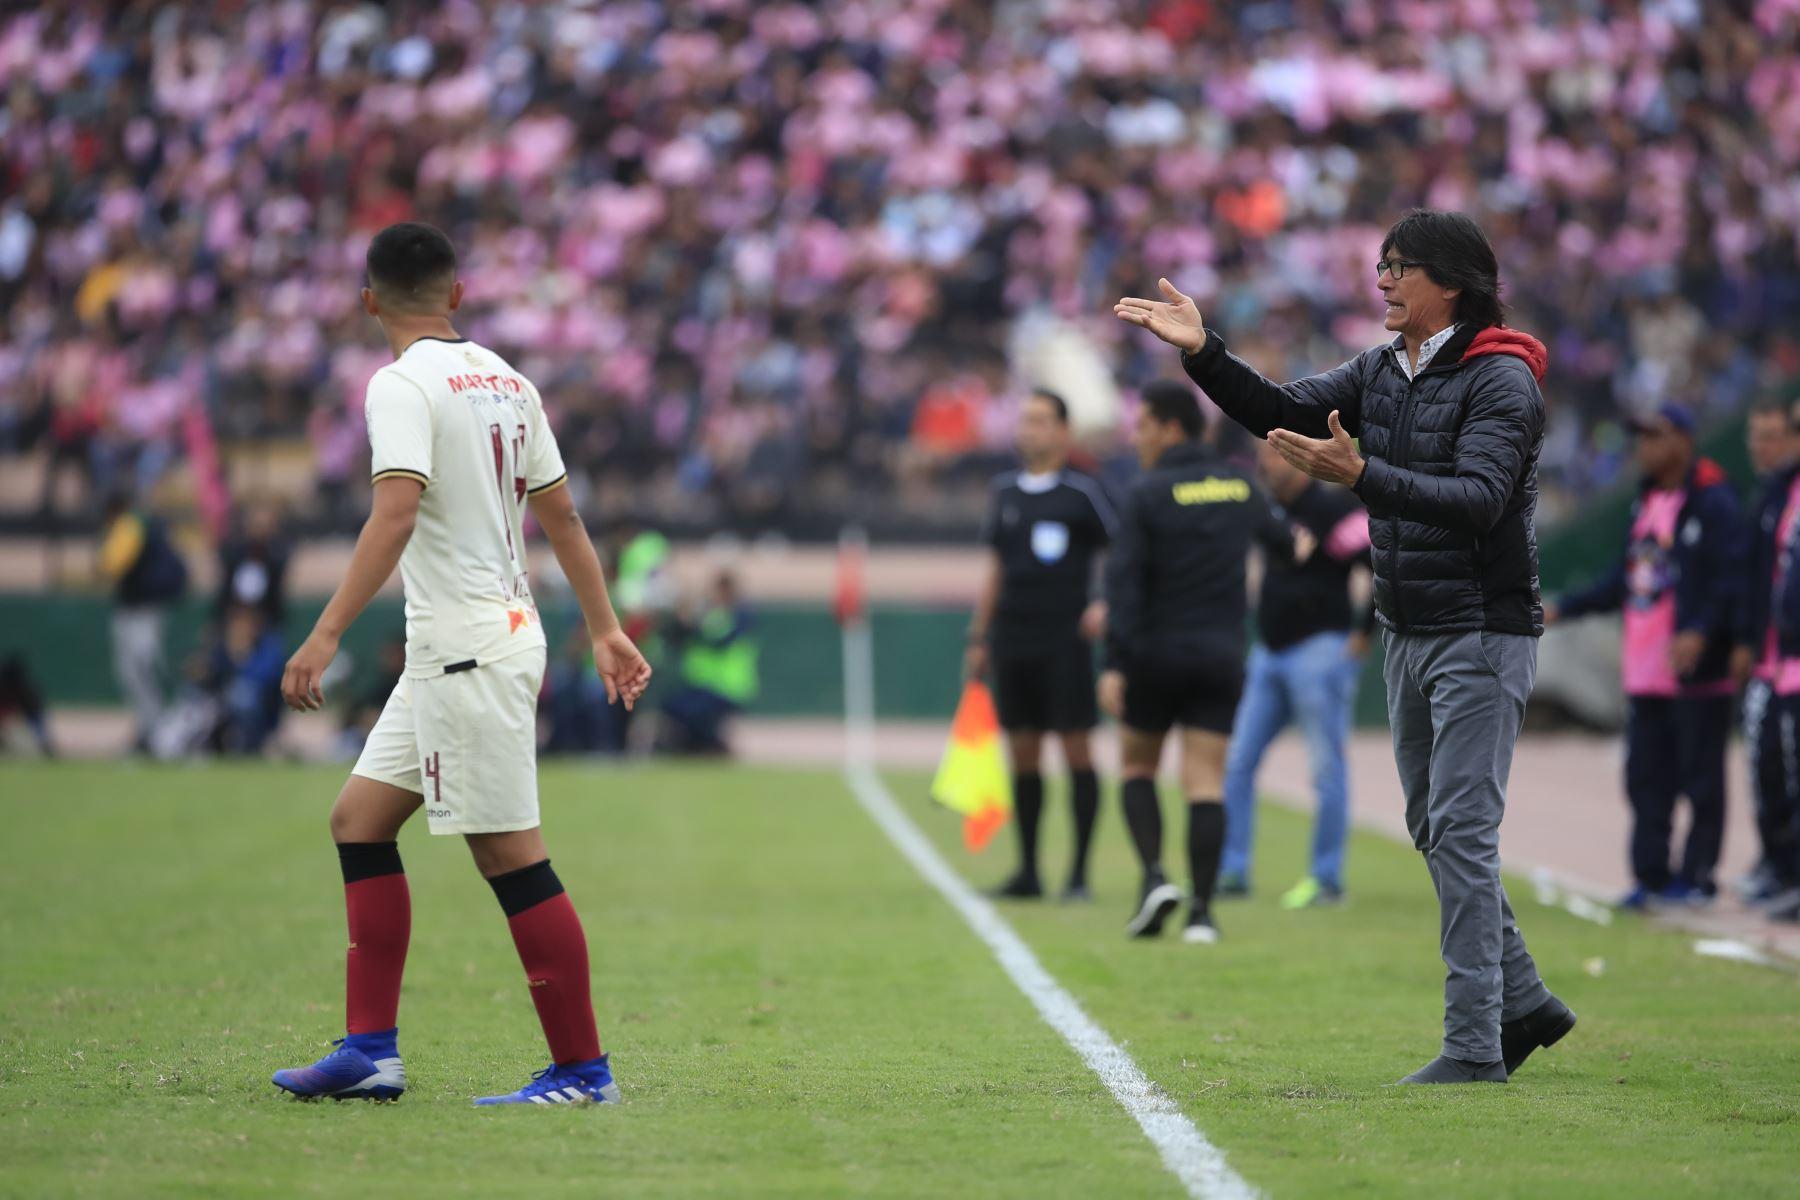 Director técnico de Universitario dando indicaciones durante el encuentro ante el Sport Boys en el estadio Miguel Grau del Callao.   Foto: Andina/Juan Carlos Guzmán Negrini